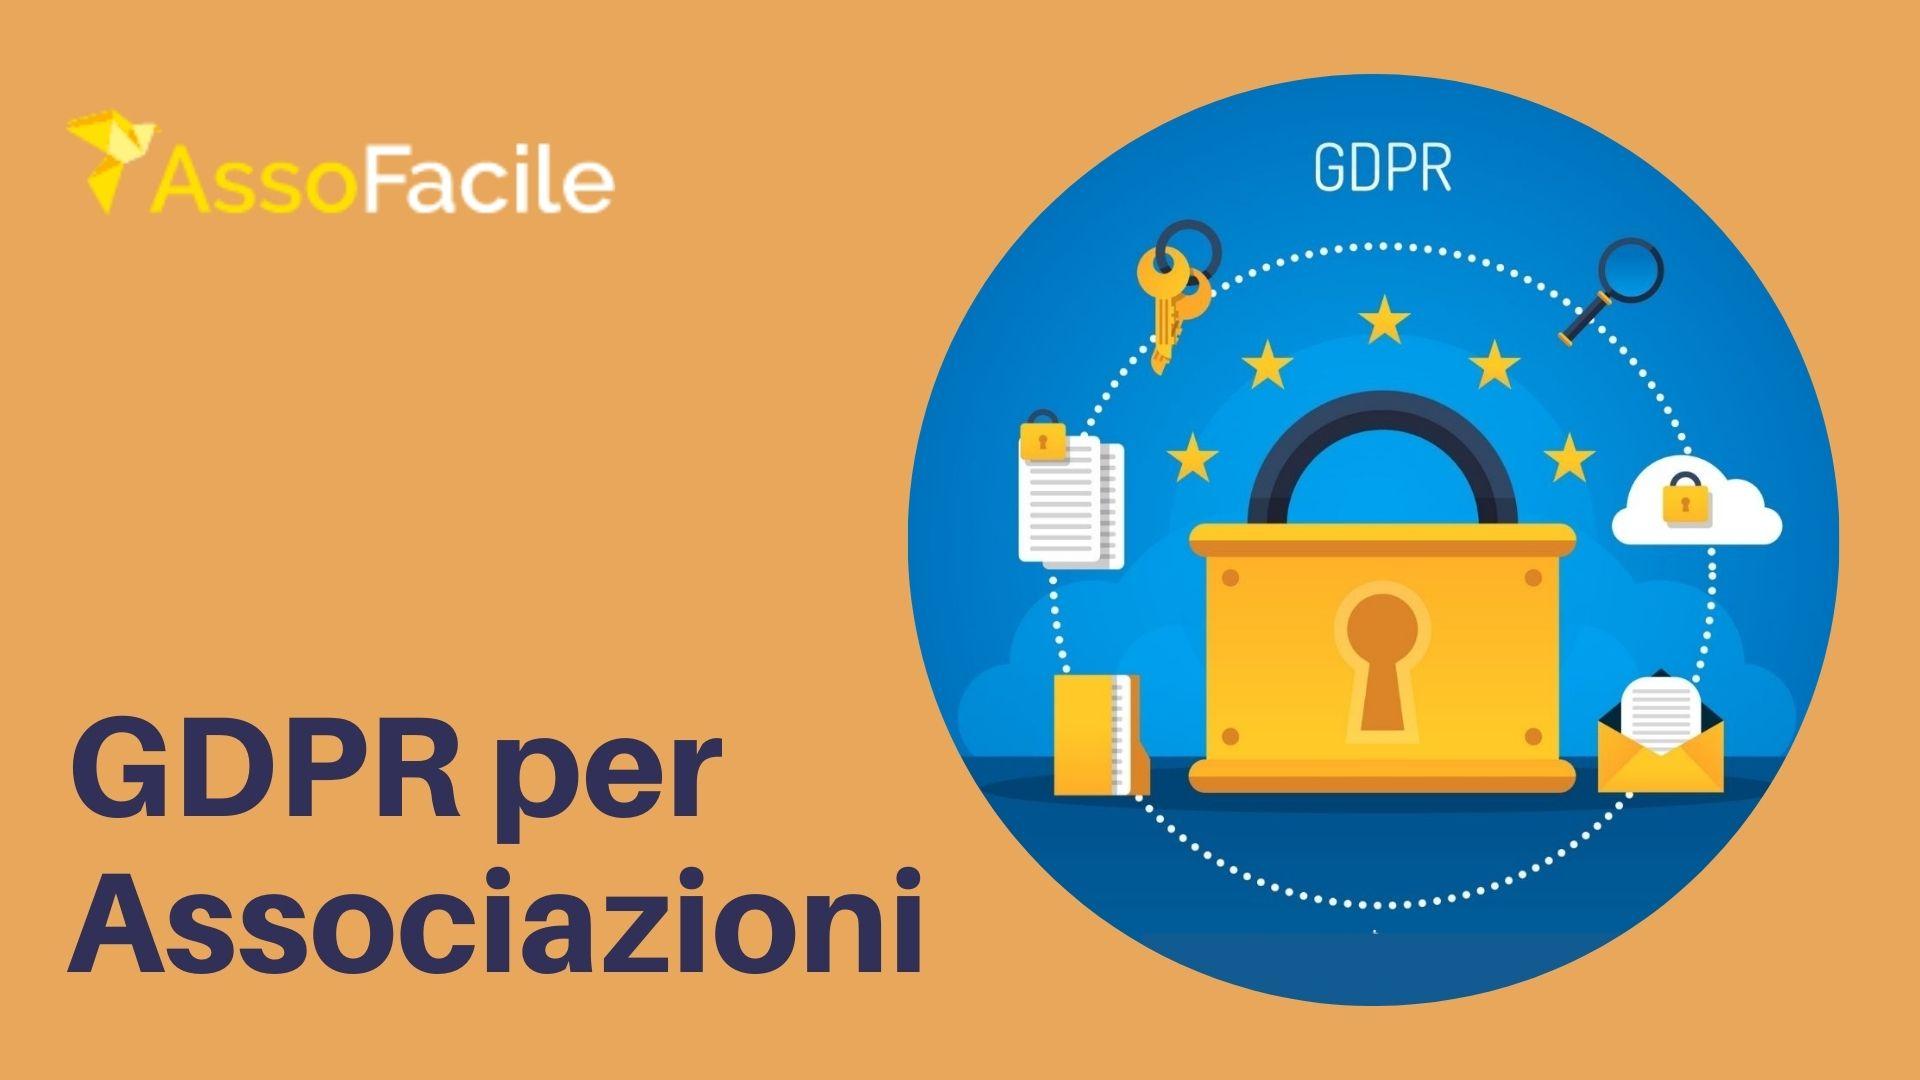 GDPR Associazioni: breve guida pratica alla privacy!